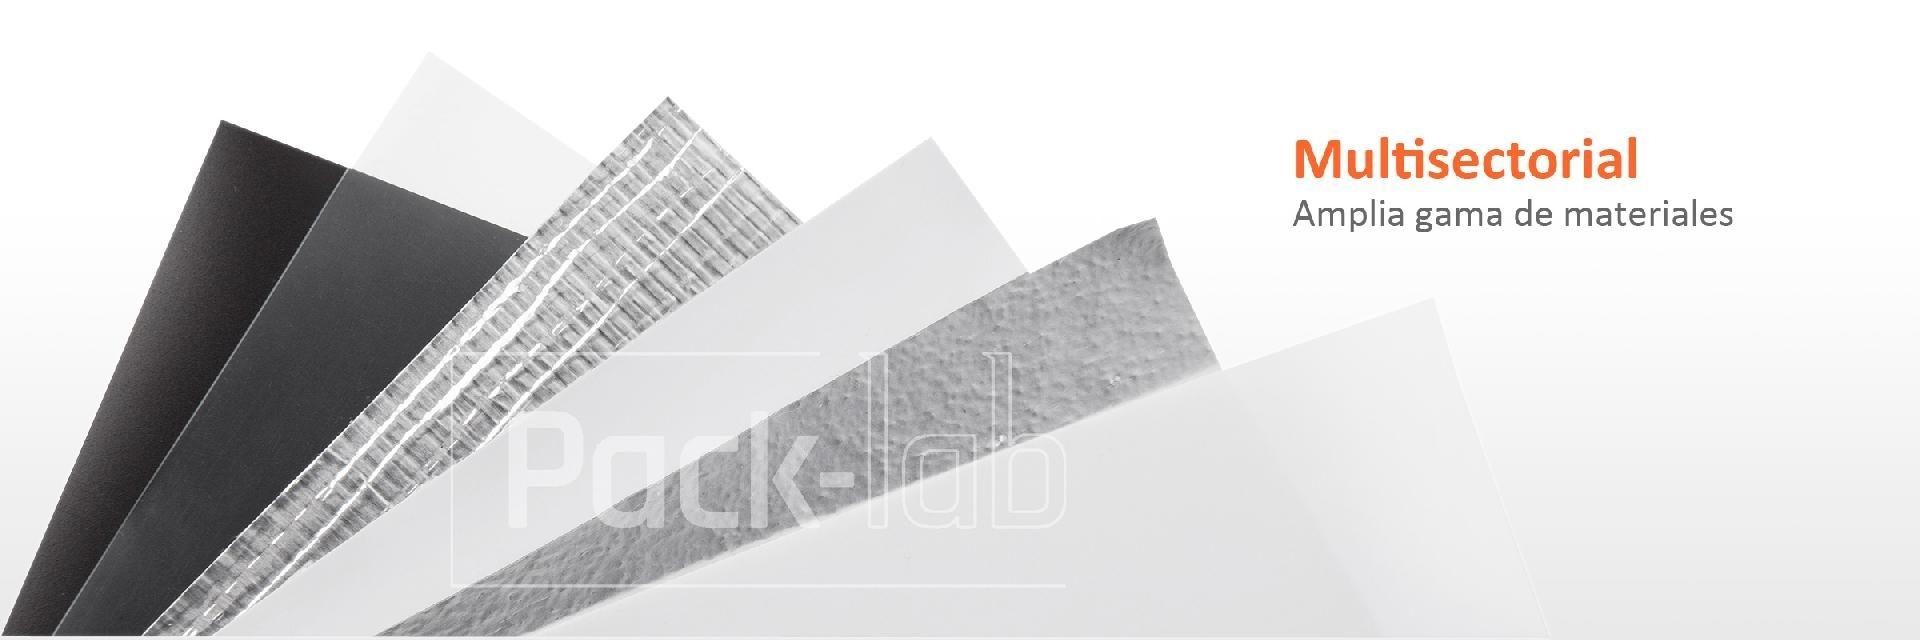 Bolsa de aluminio para distintos sectores